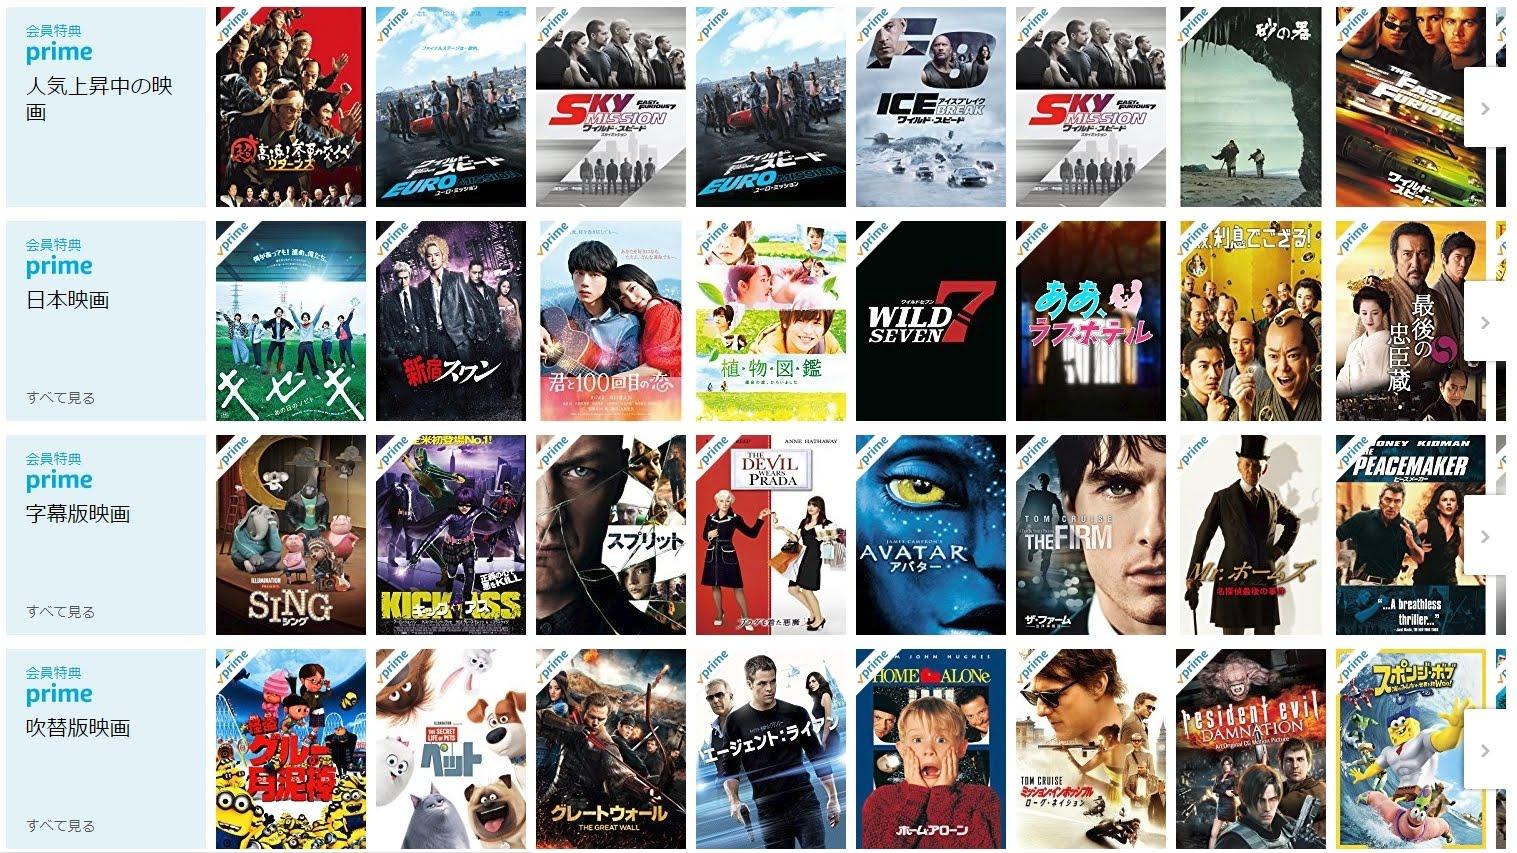 海外からamazonプライムビデオの全番組を見る方法